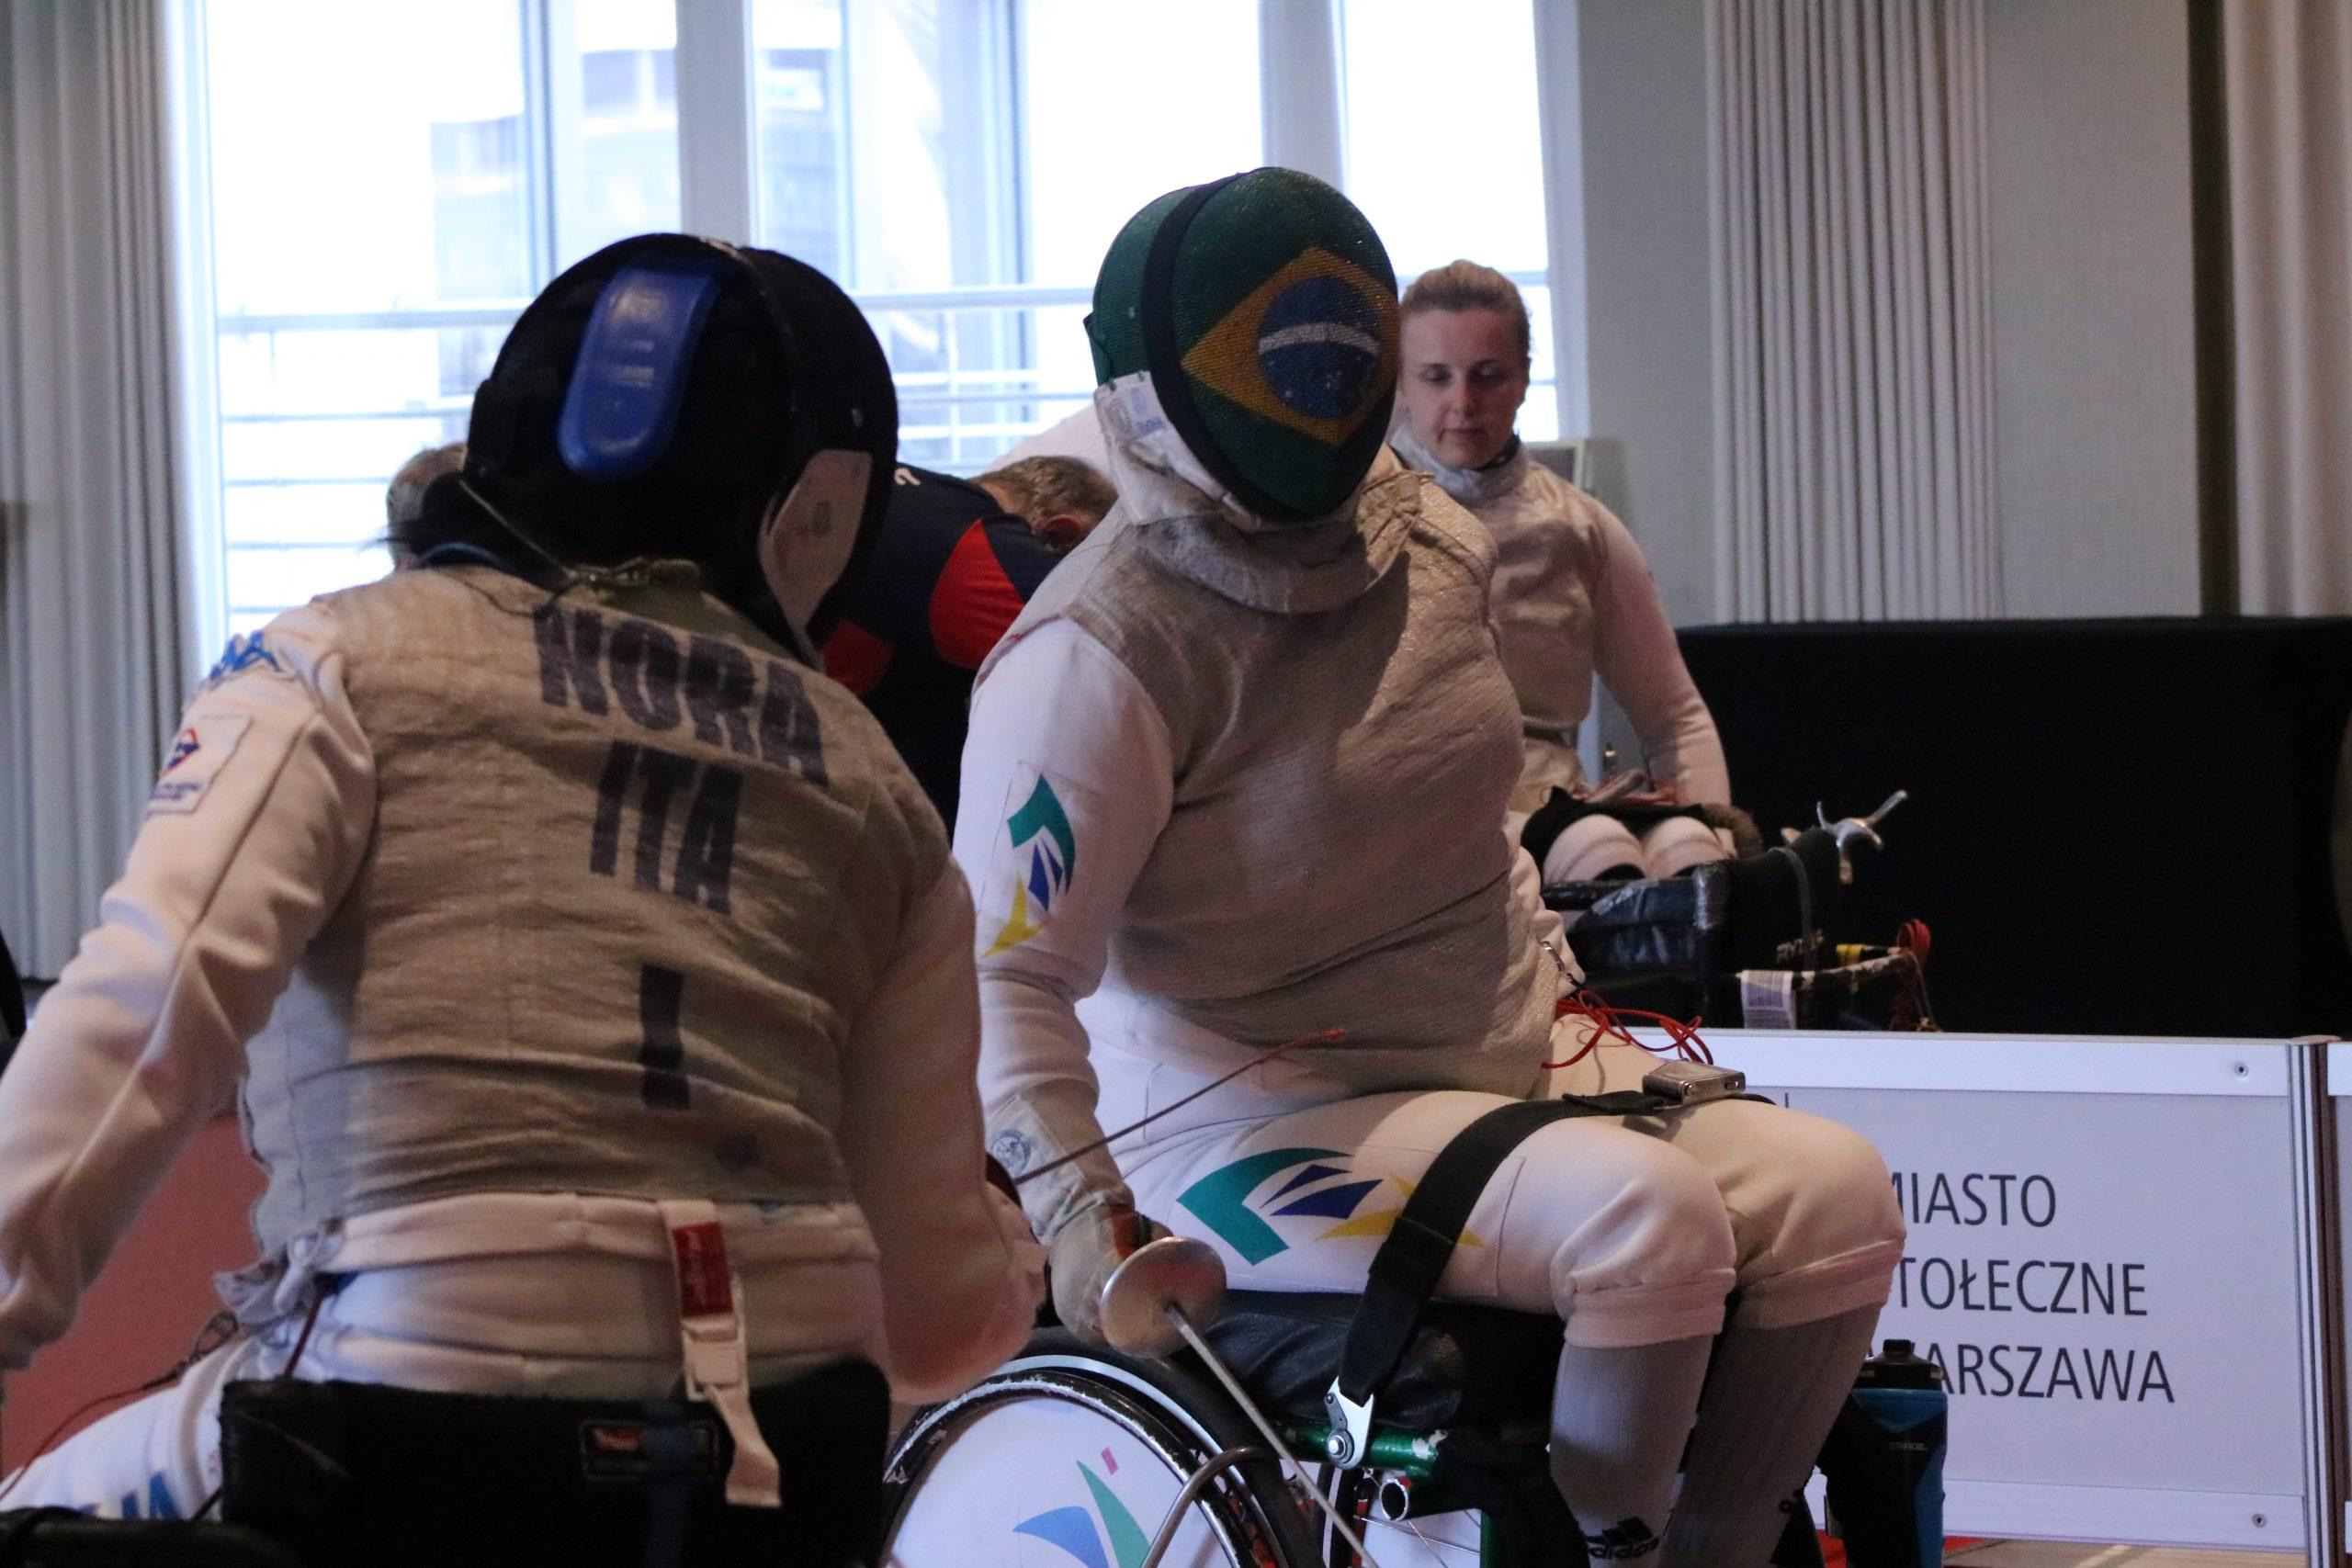 Jovane Guissone e Mônica Santos em ação no último dia de participação dos brasileiros na Copa do Mundo de Esgrima em Cadeira de Rodas